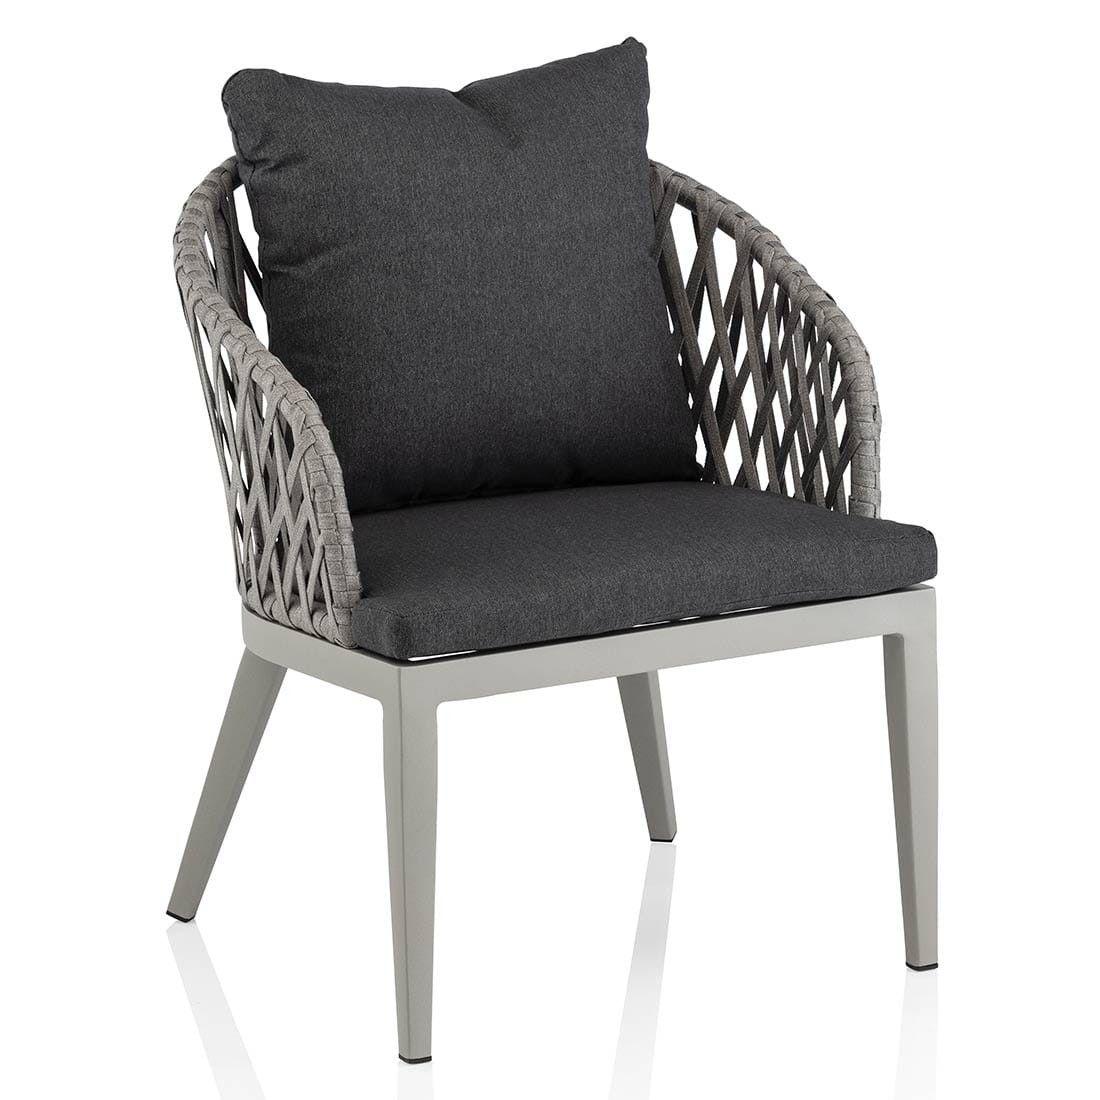 Kettler Sunny Diningsessel Aluminium Rope Gartensessel Anthrazit Grau Sessel